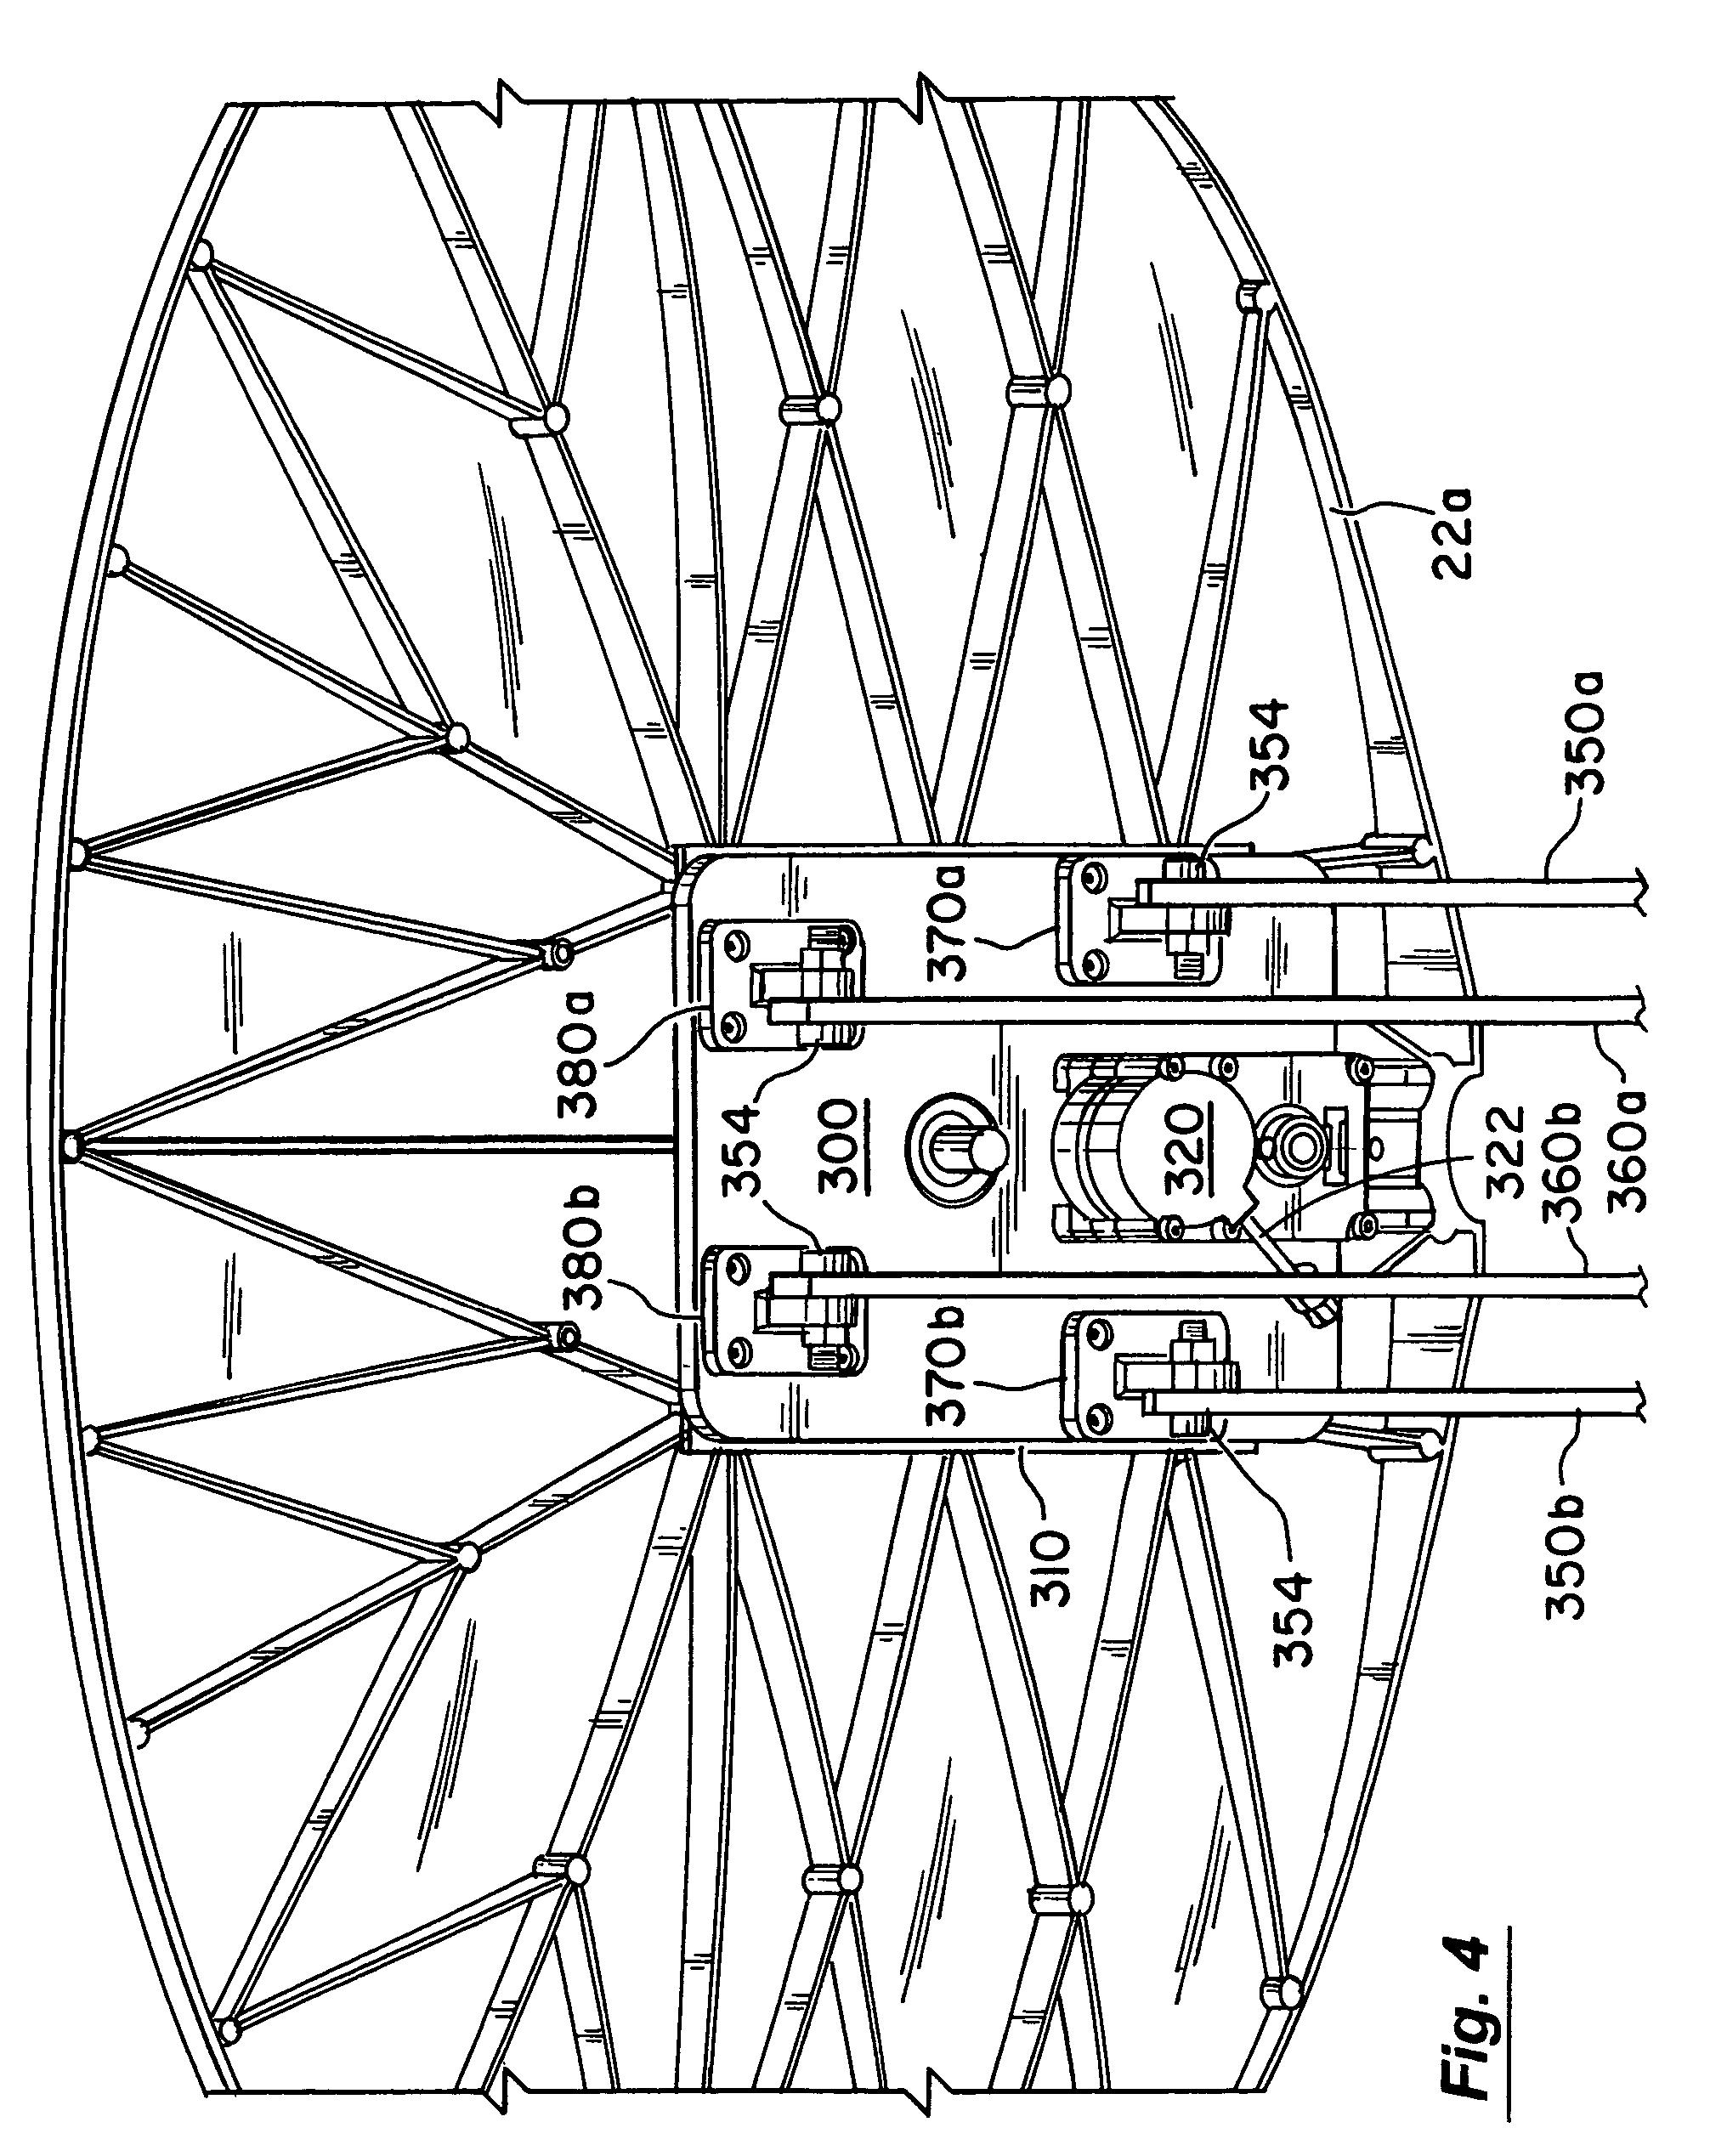 Dish Work 722k Wiring Diagram Schematic Logic Diagram